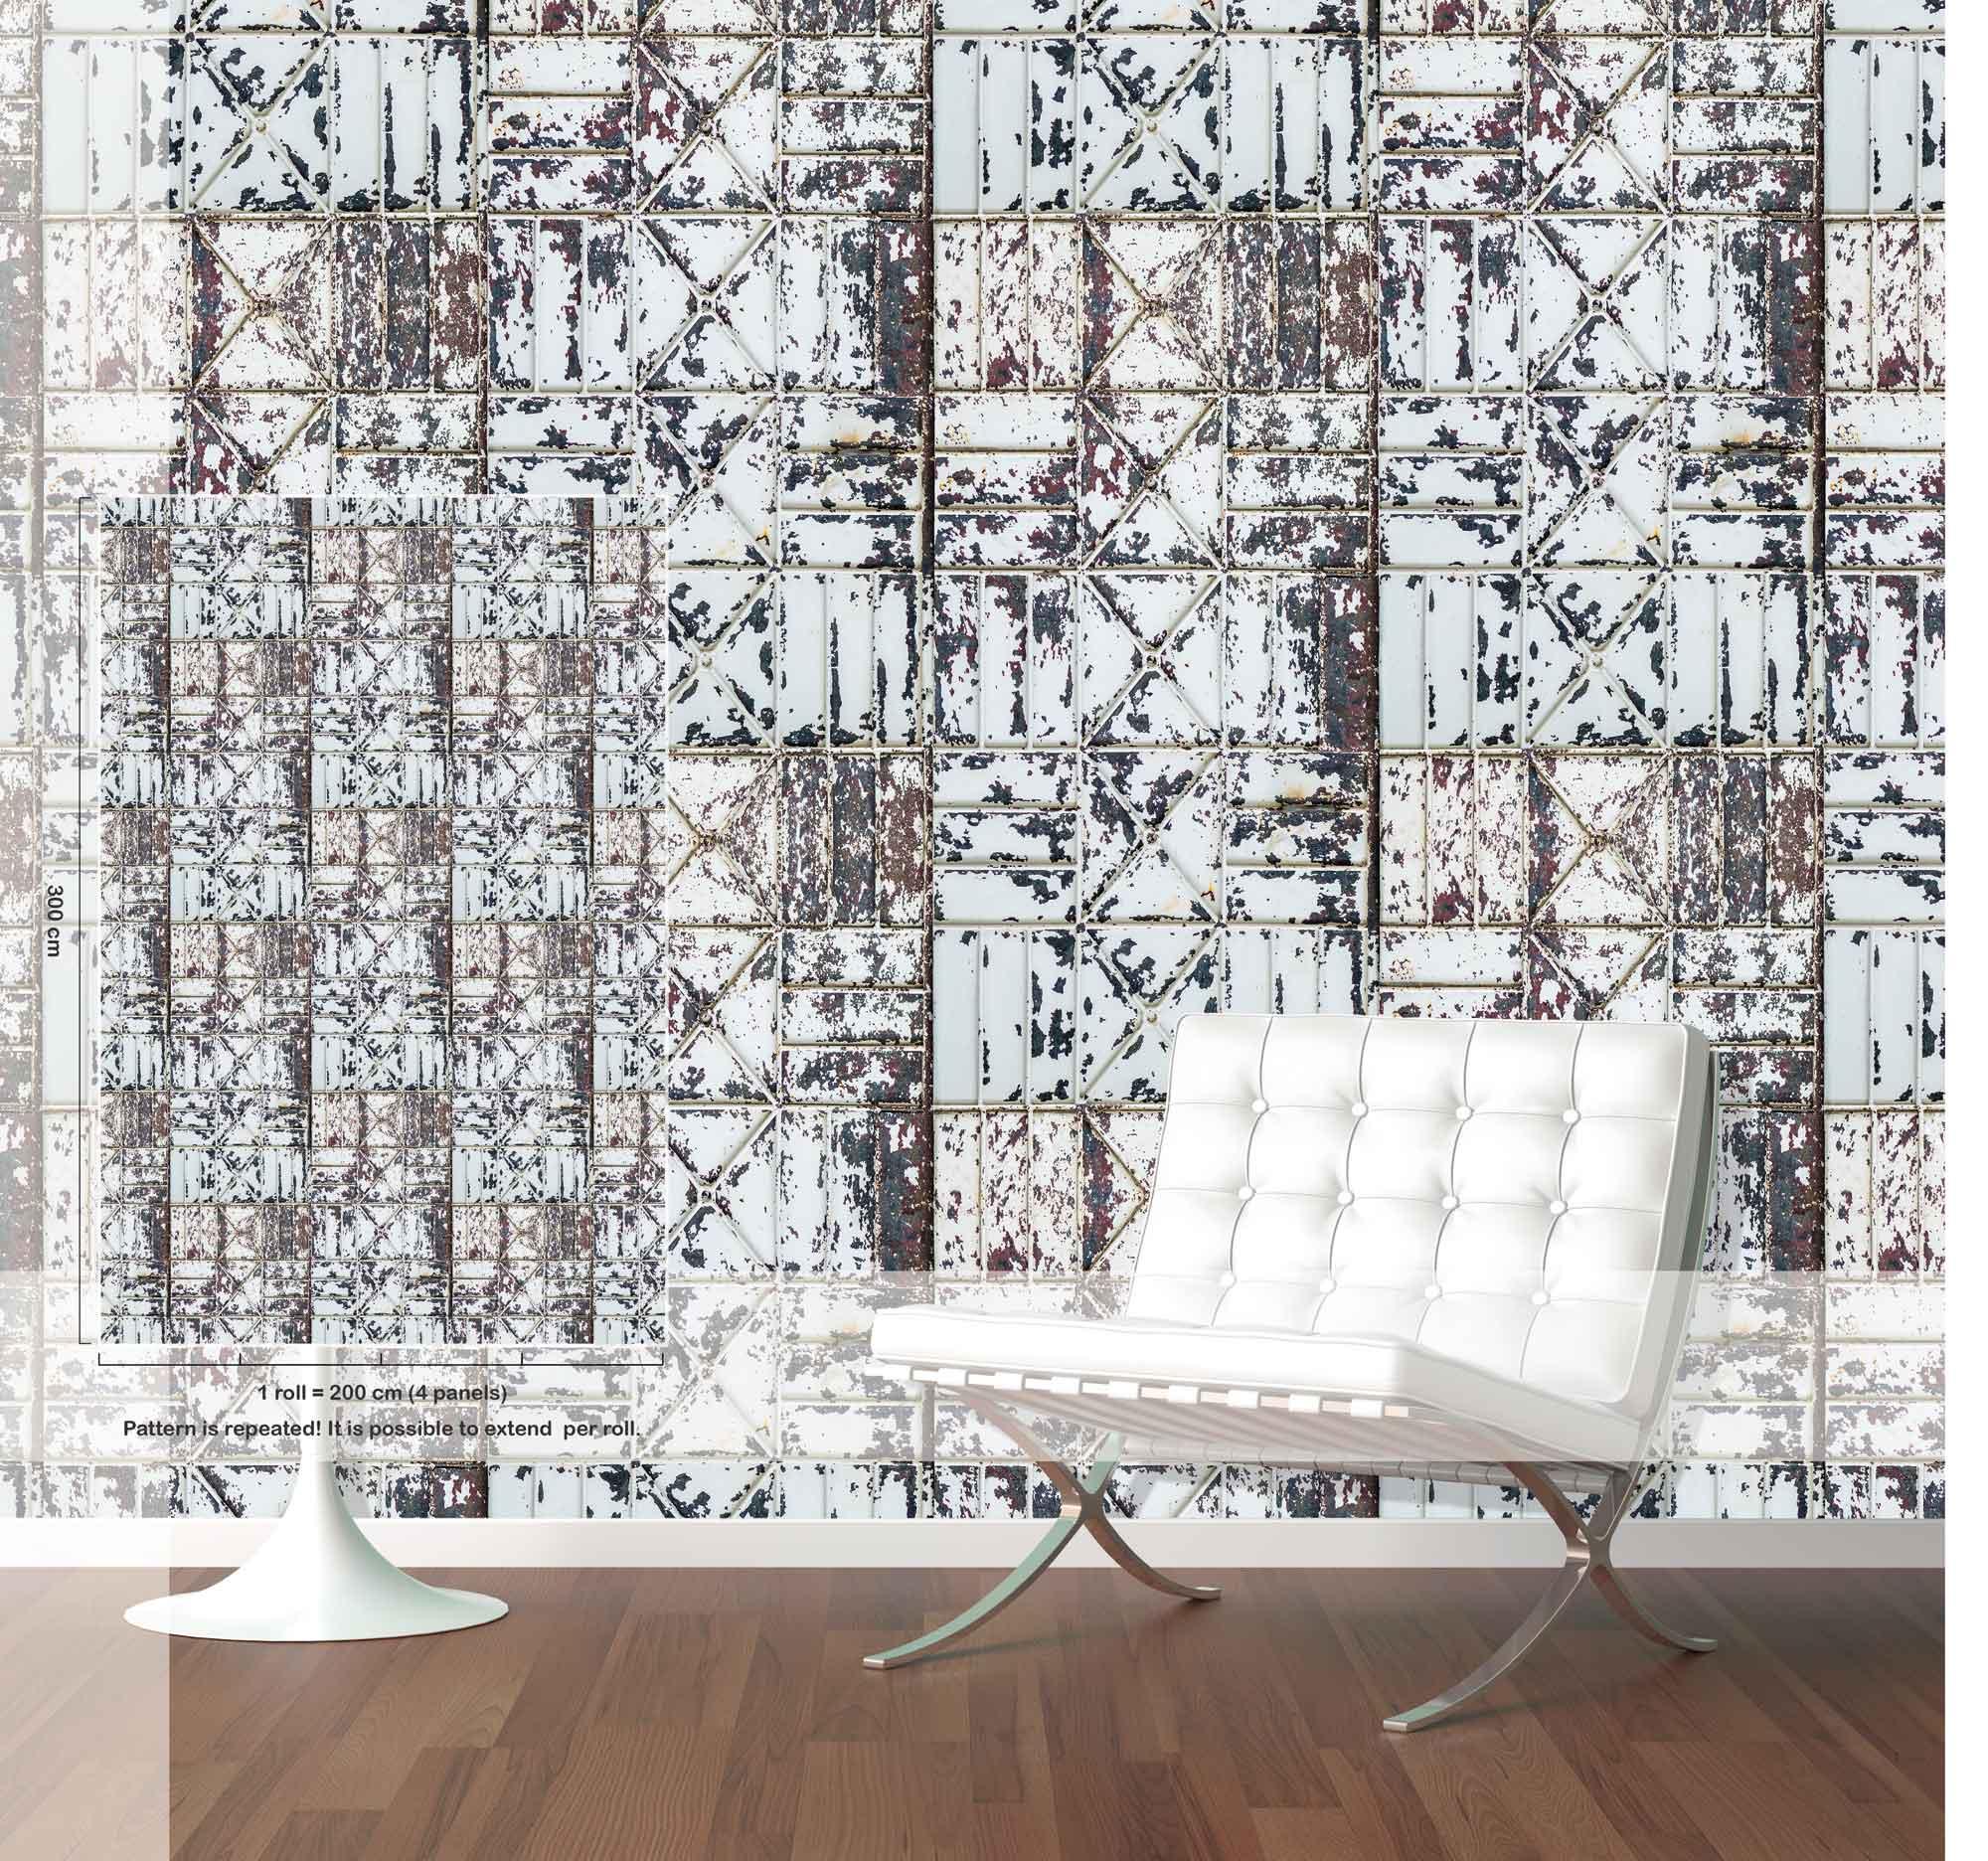 fototapeten wohnzimmer fototapete wohnzimmer idee wanddeko ideen akzentwand mit fototapete. Black Bedroom Furniture Sets. Home Design Ideas